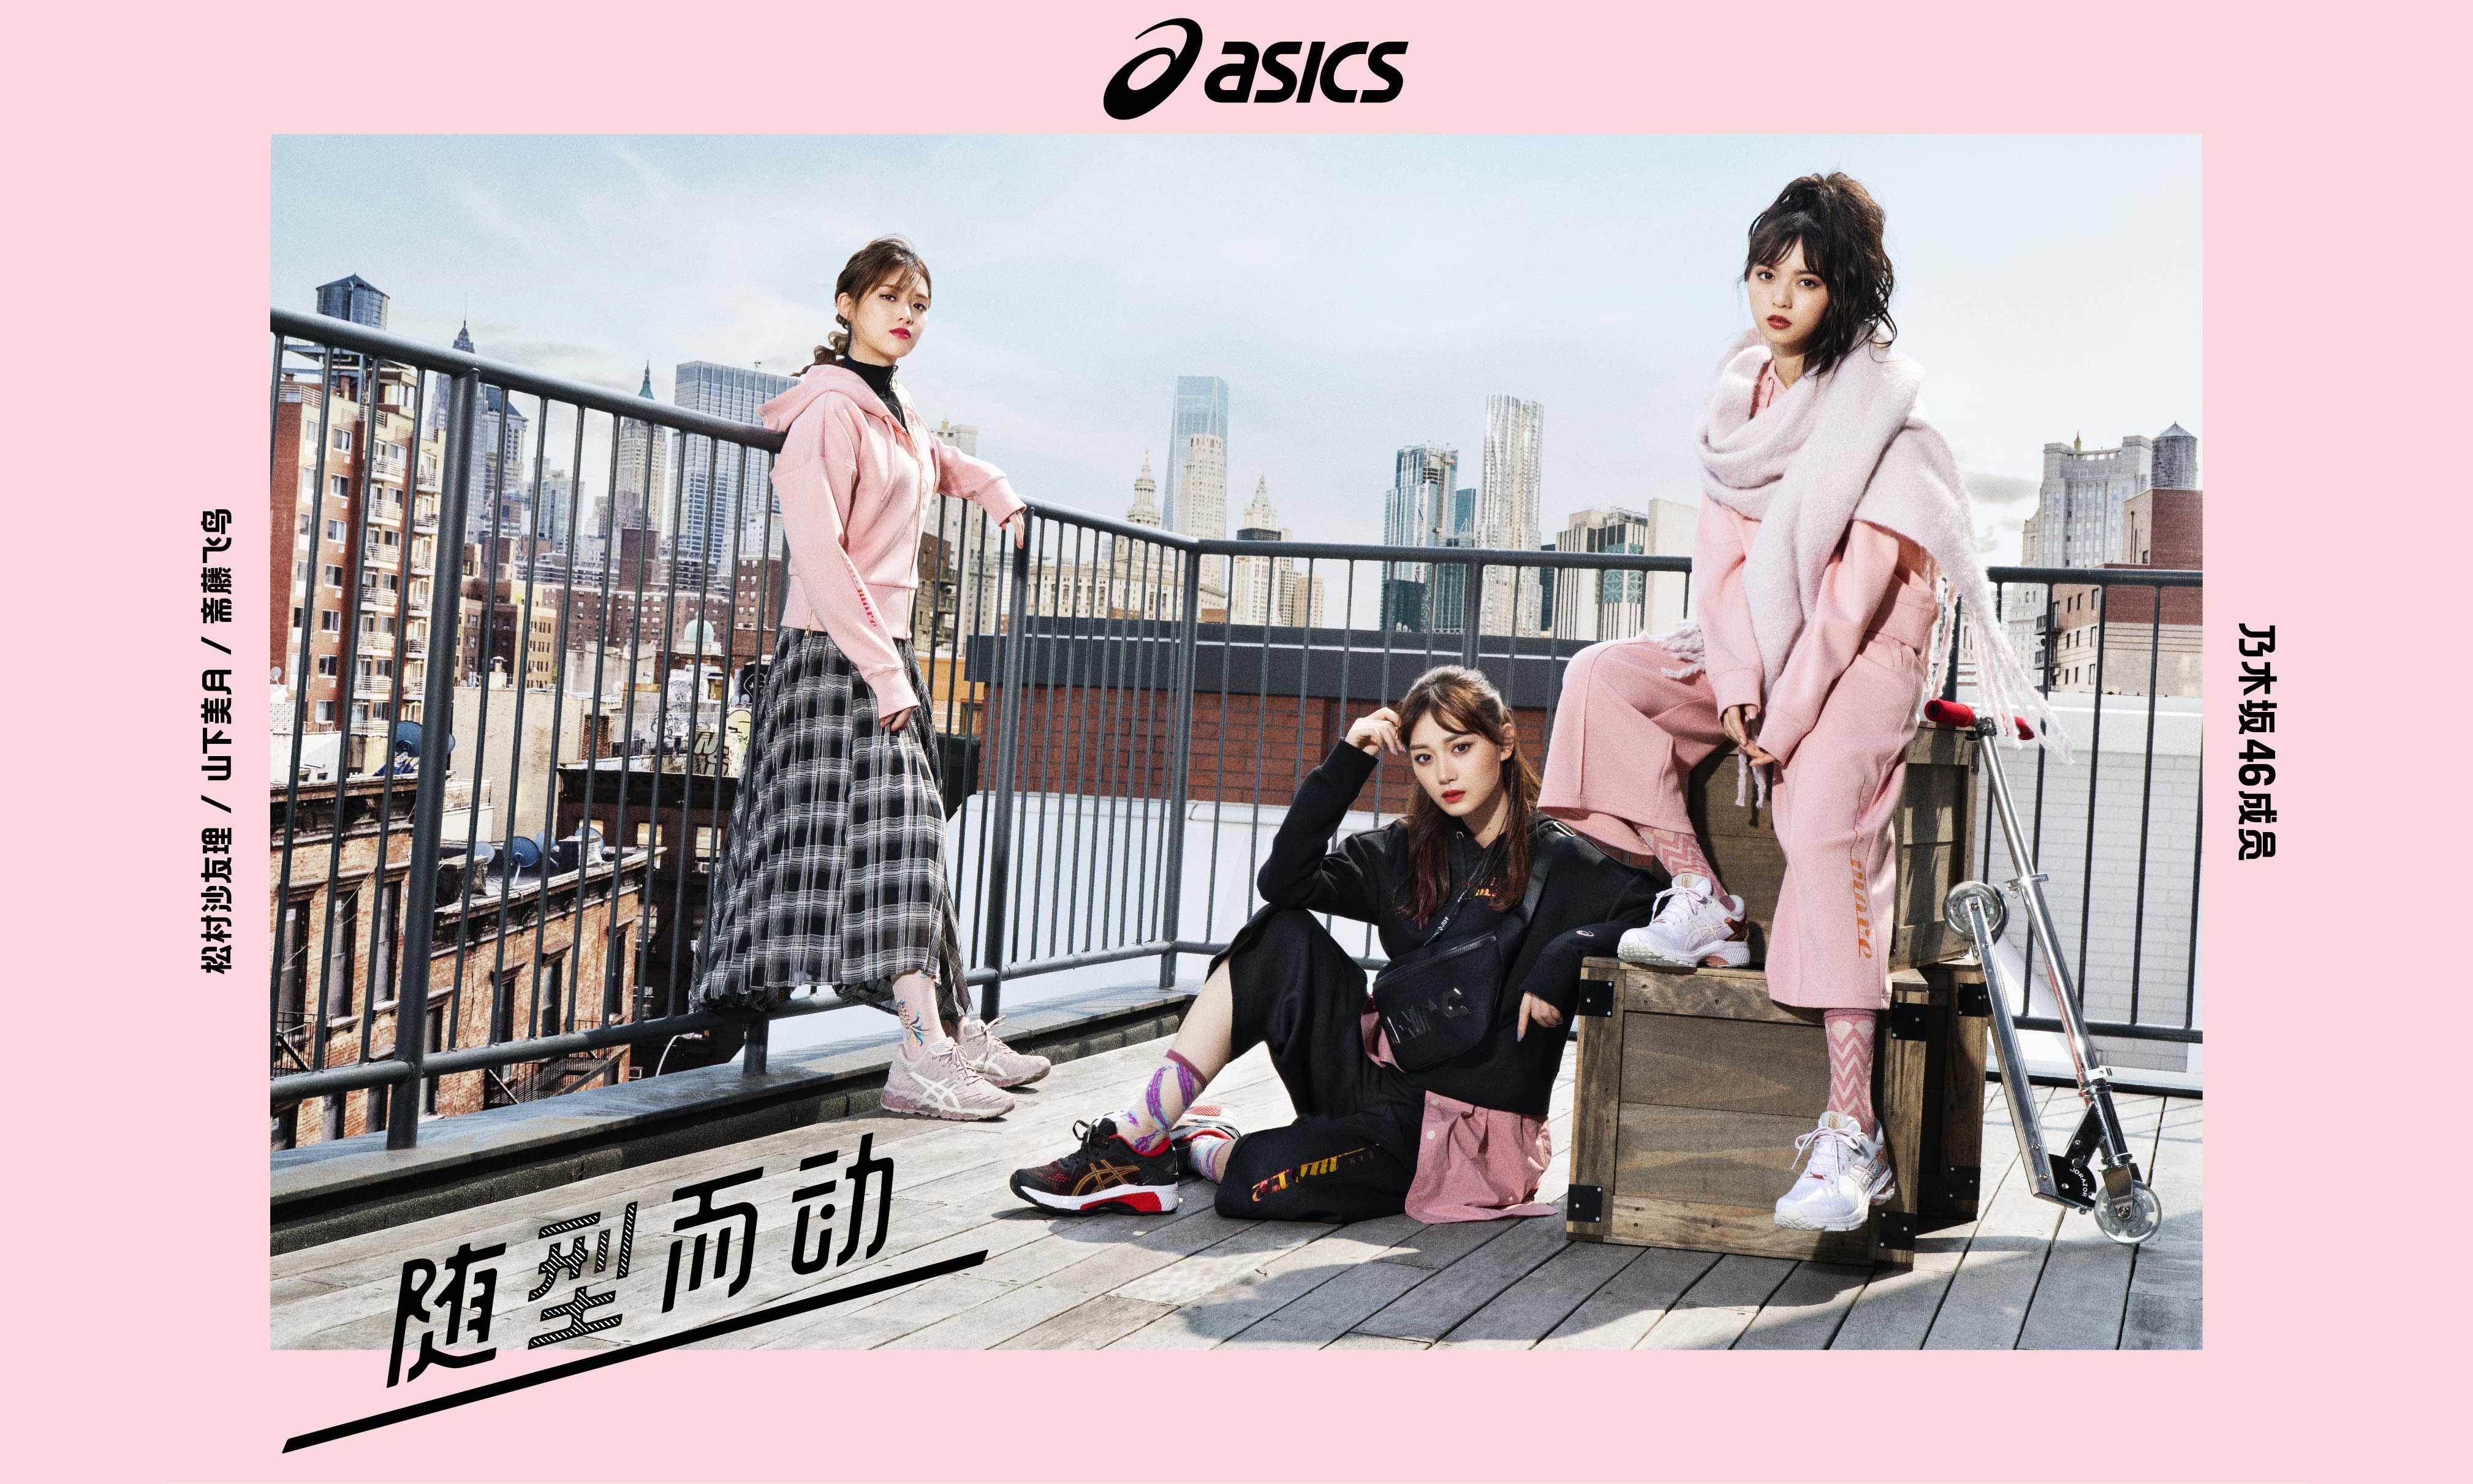 解锁春日潮流,ASICS 携乃木坂 46 成员随型而动